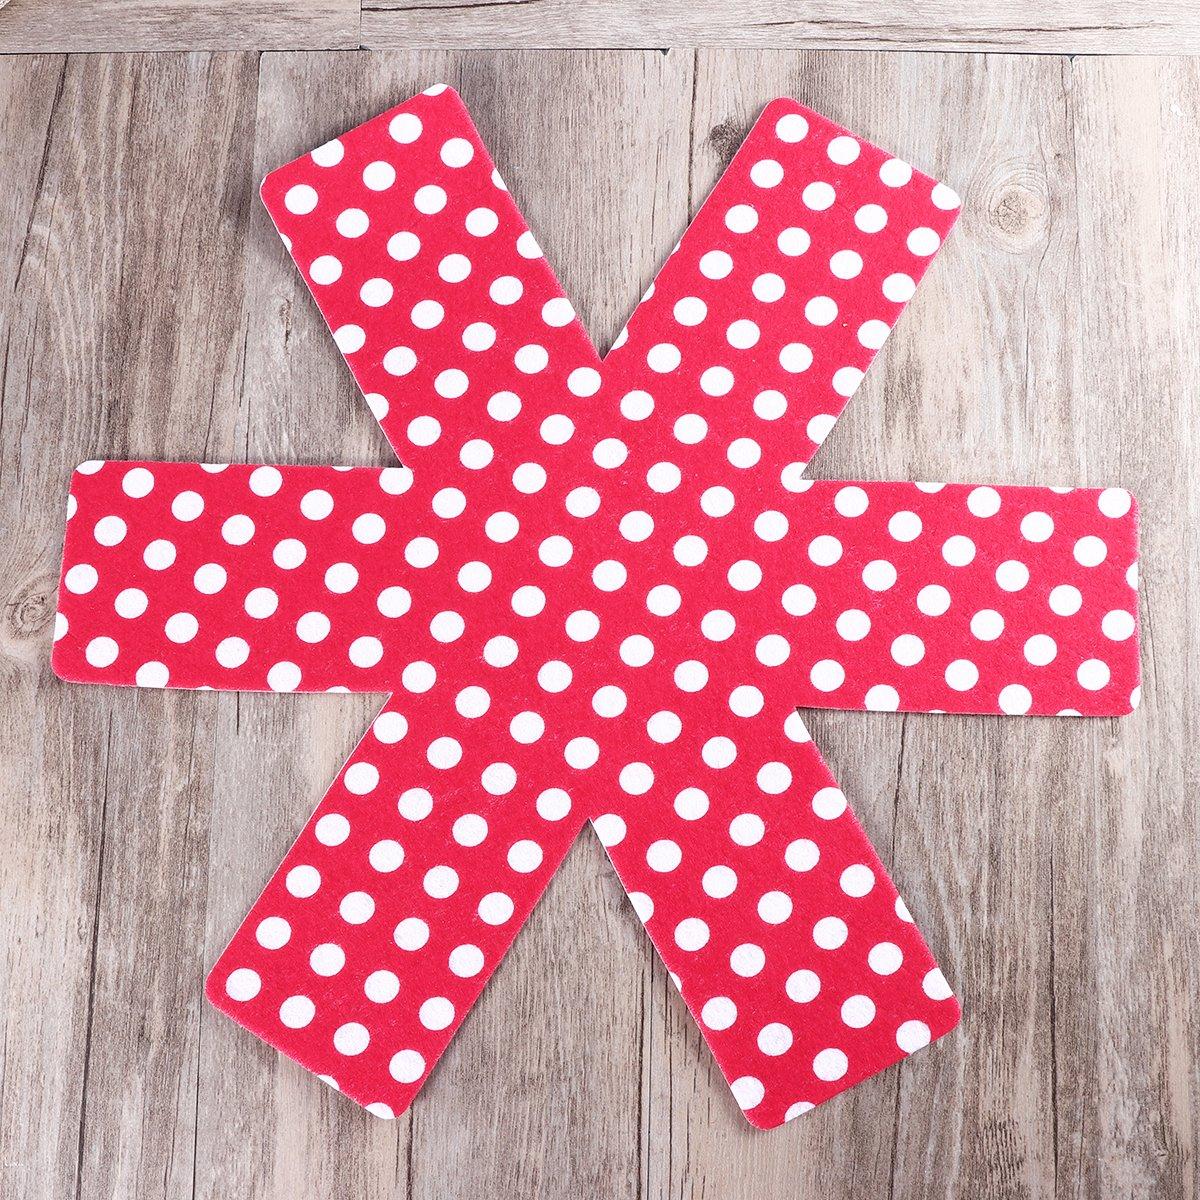 rojo brillante BESTOMZ 5pcs Protectores de Pan Pot,Premium Divider Pads para evitar el rayado separado y proteger superficies para utensilios de cocina